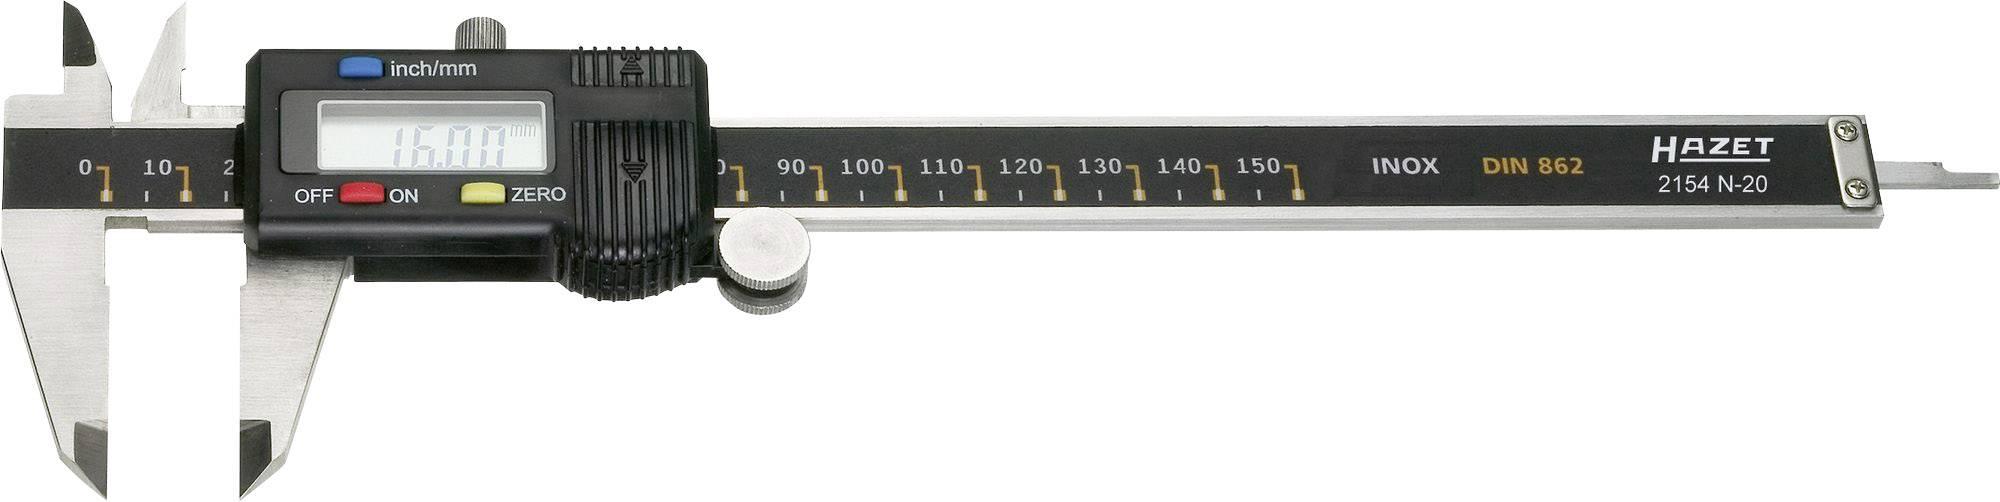 Digitální posuvné měřítko Hazet 2154N-20, měřicí rozsah 150 mm, Kalibrováno dle podnikový standard (bez certifikátu) (own)